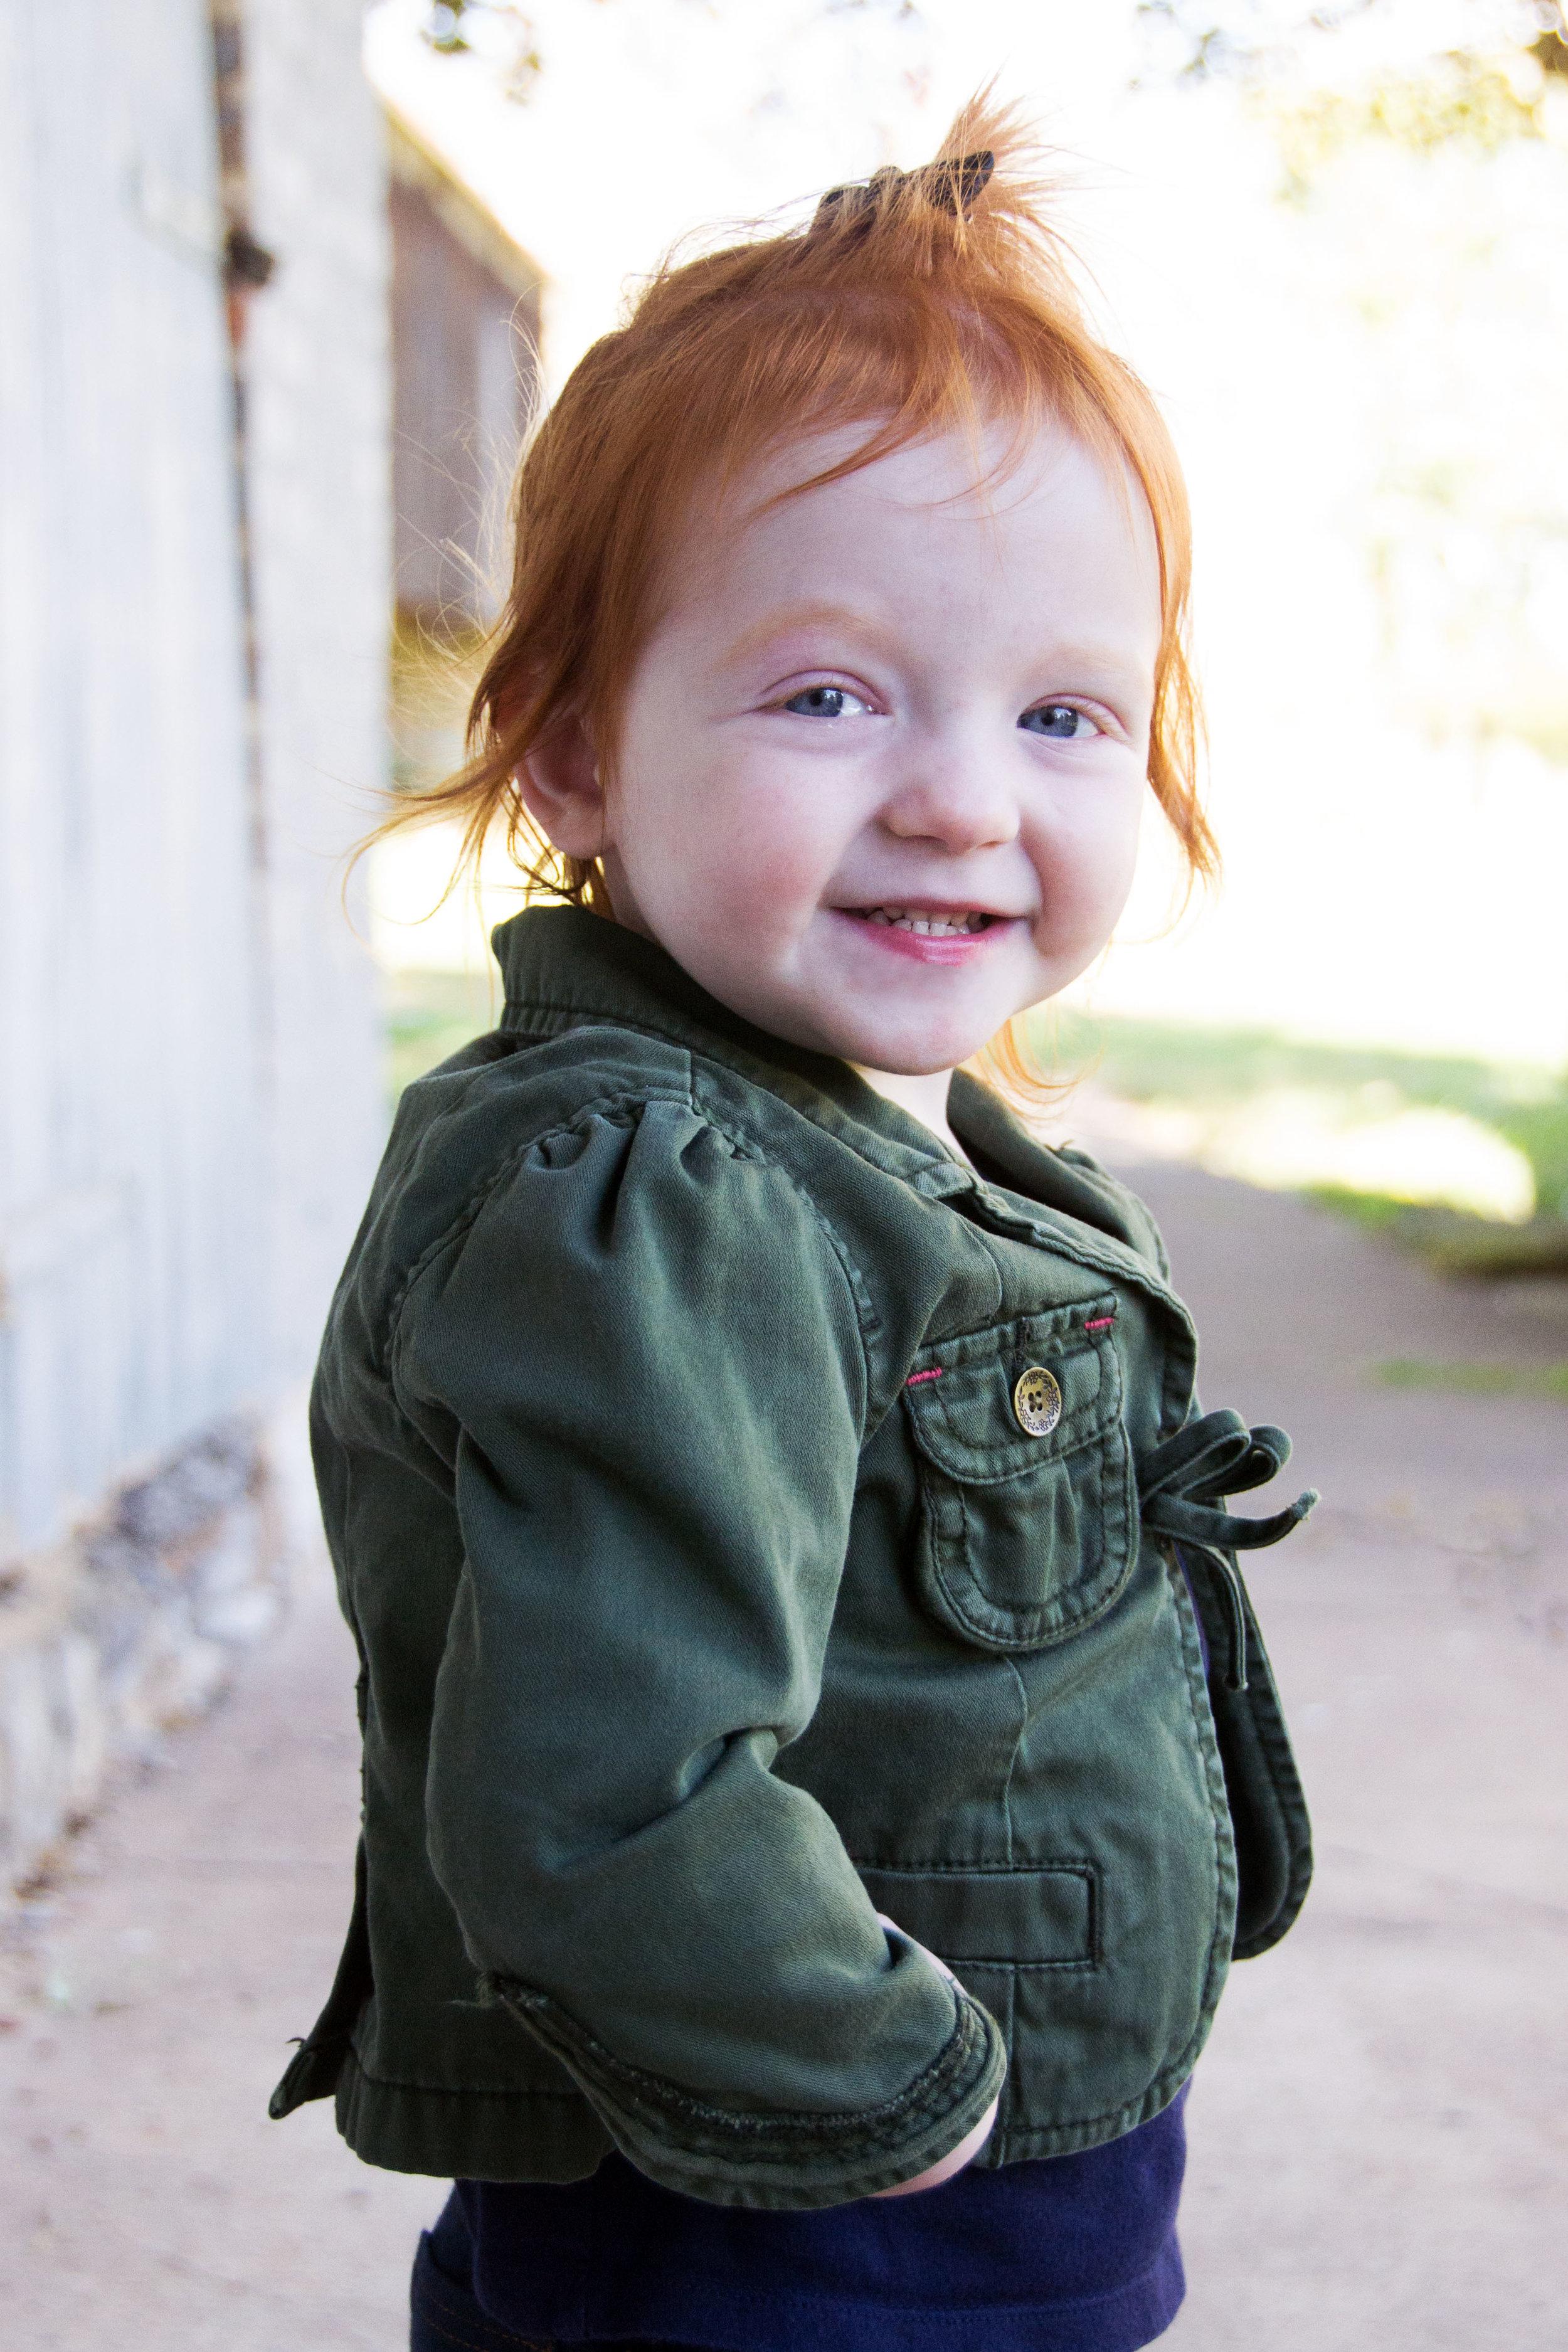 cutest ginger ever.jpg